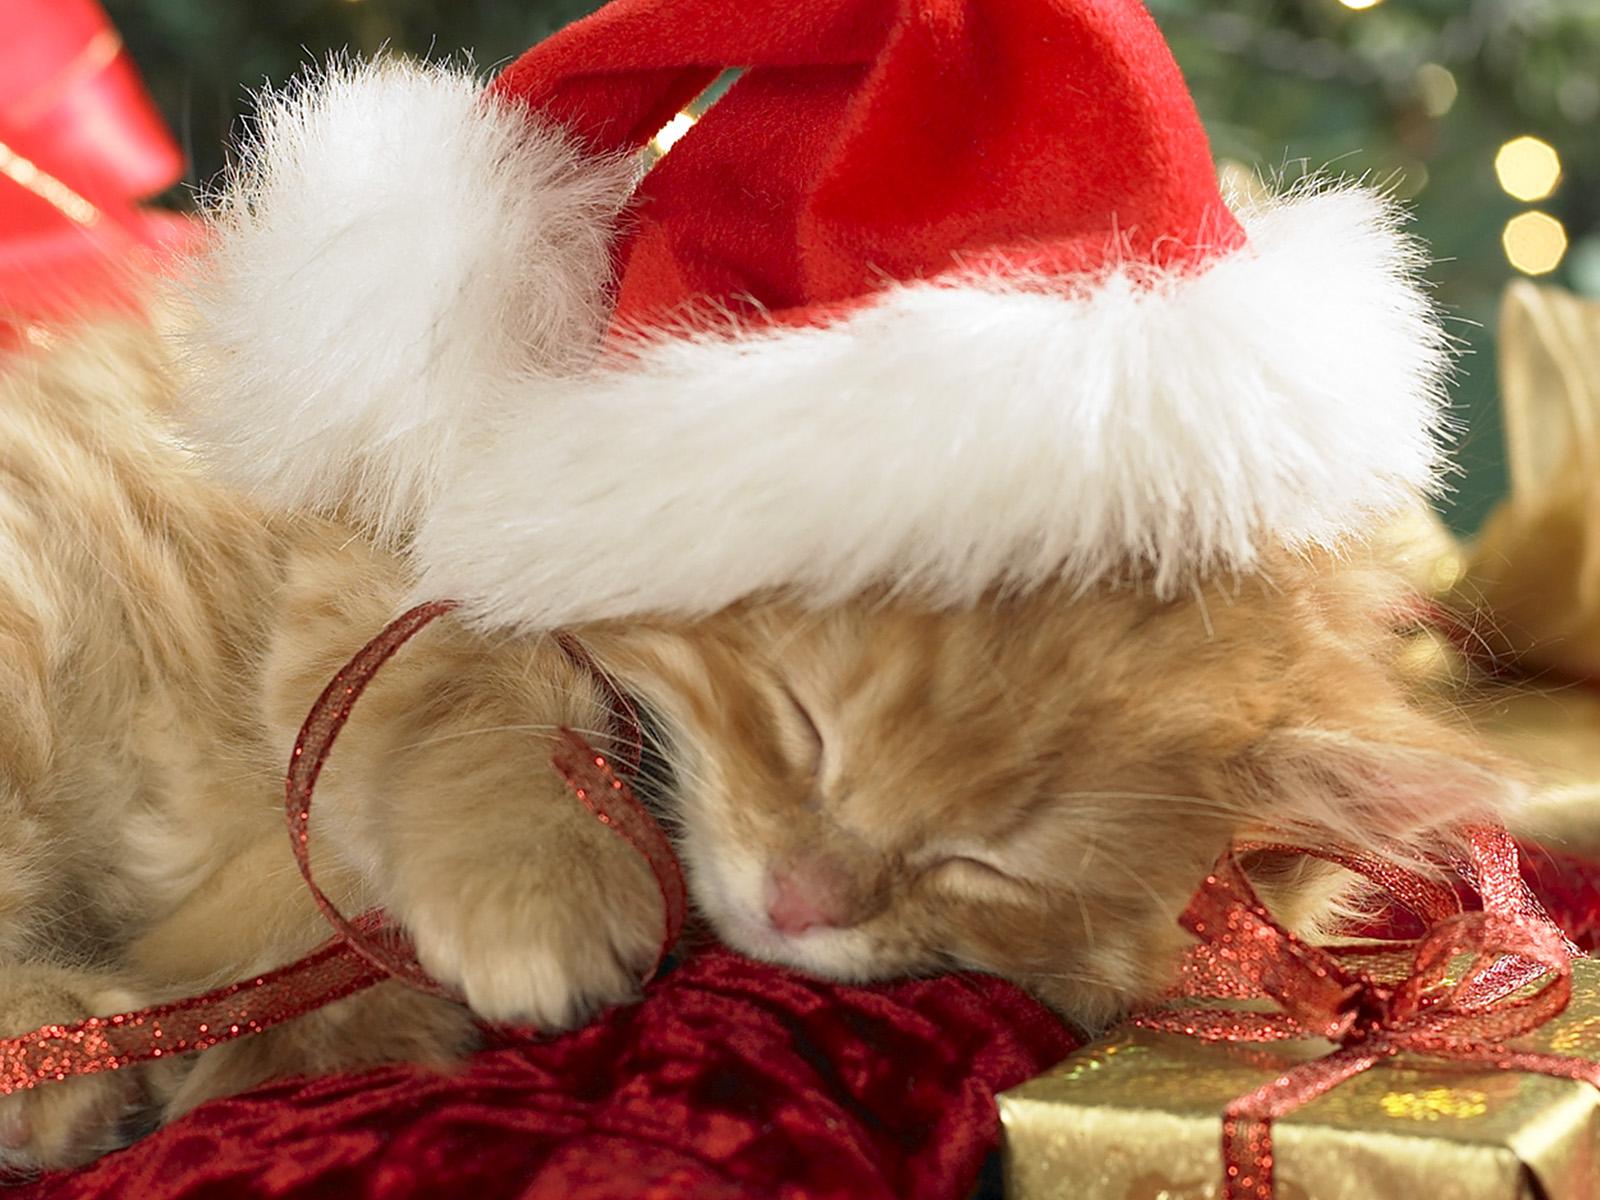 Super cute sleeping Christmas kitten